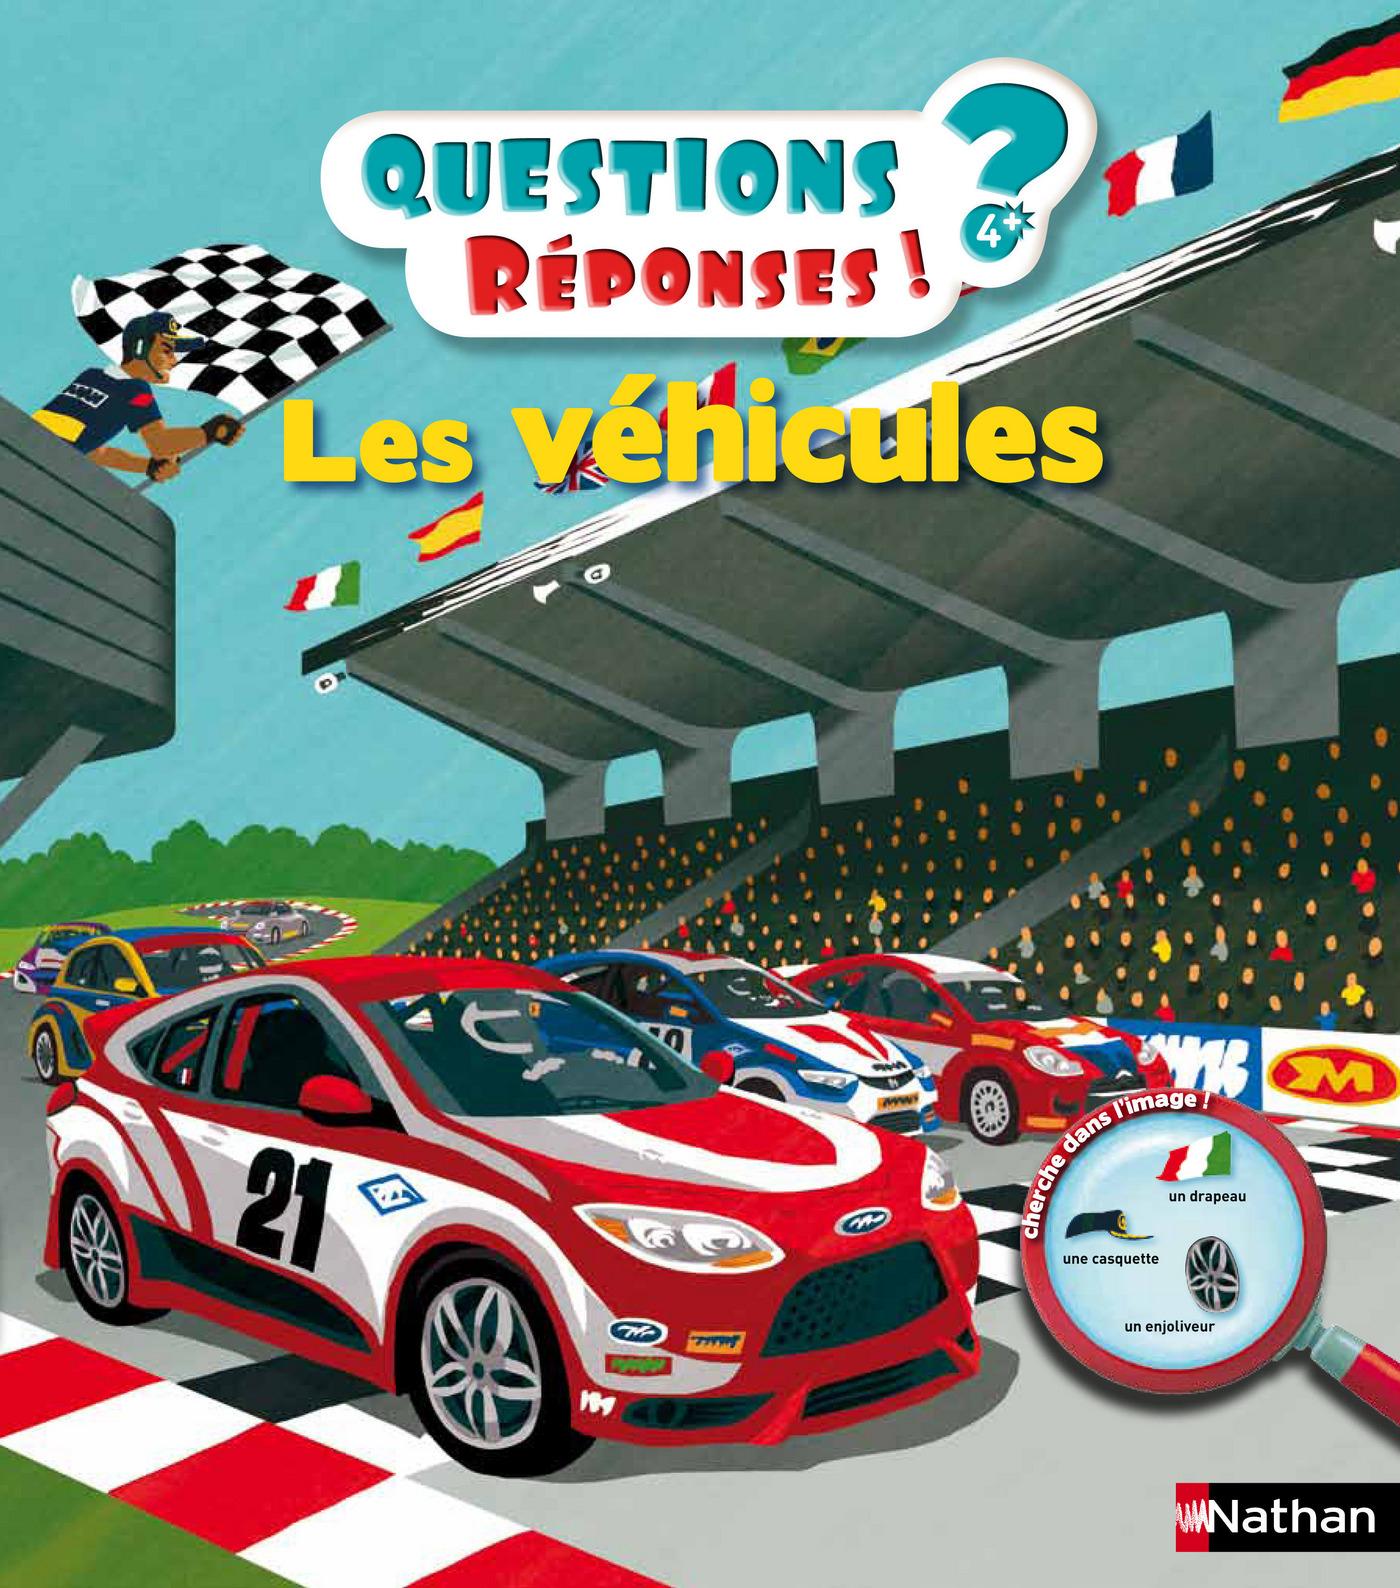 Les véhicules - Questions/Réponses - doc dès 5 ans